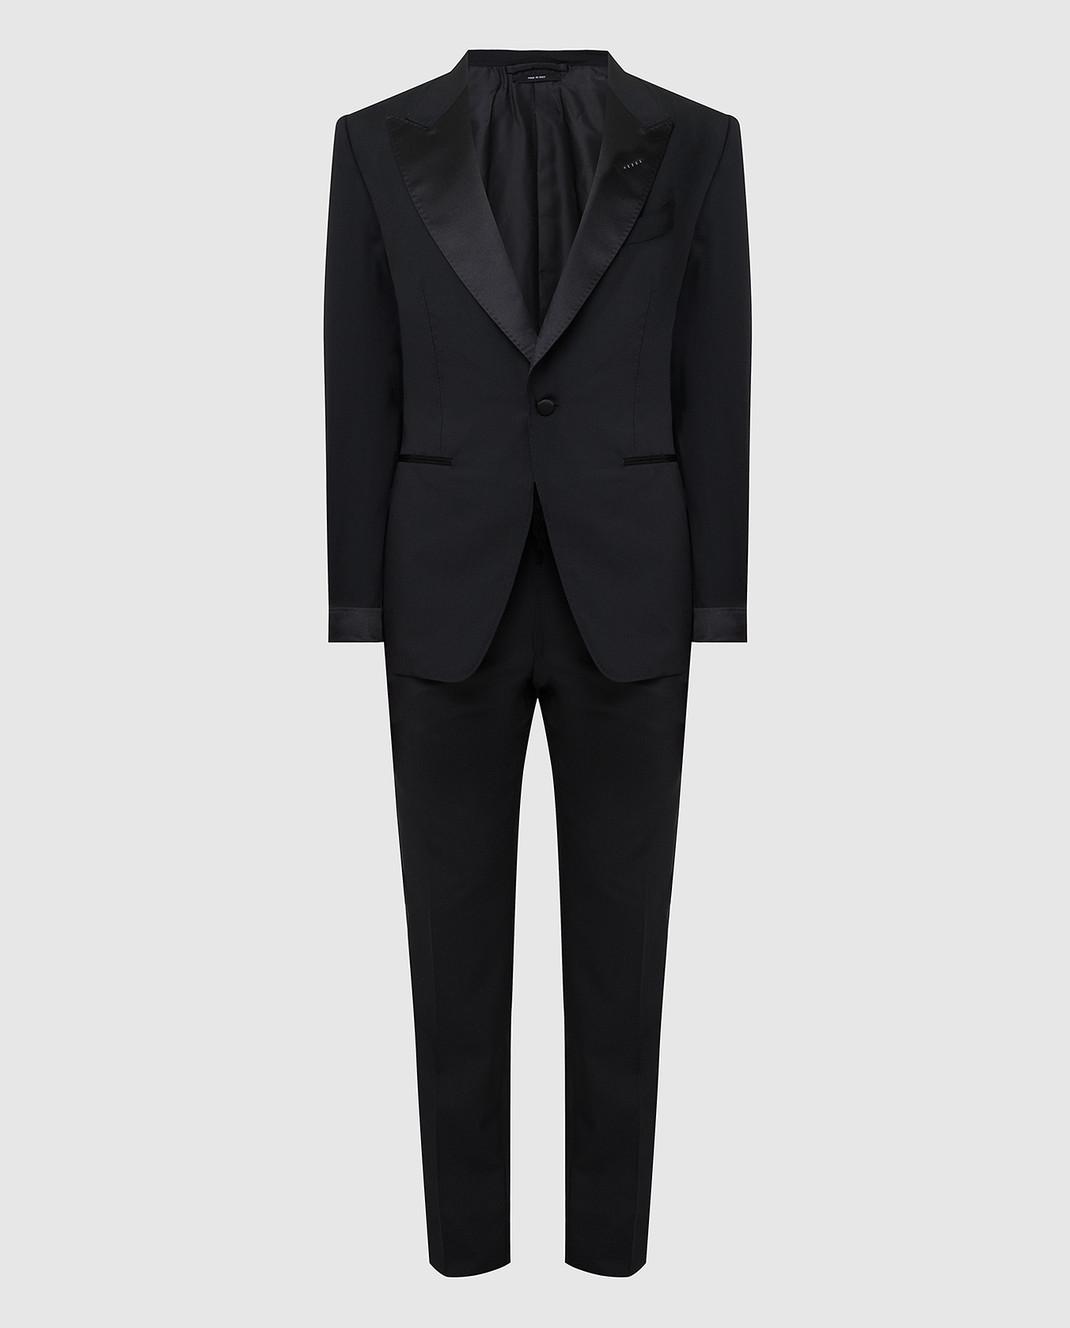 Tom Ford Черный костюм из шерсти изображение 1